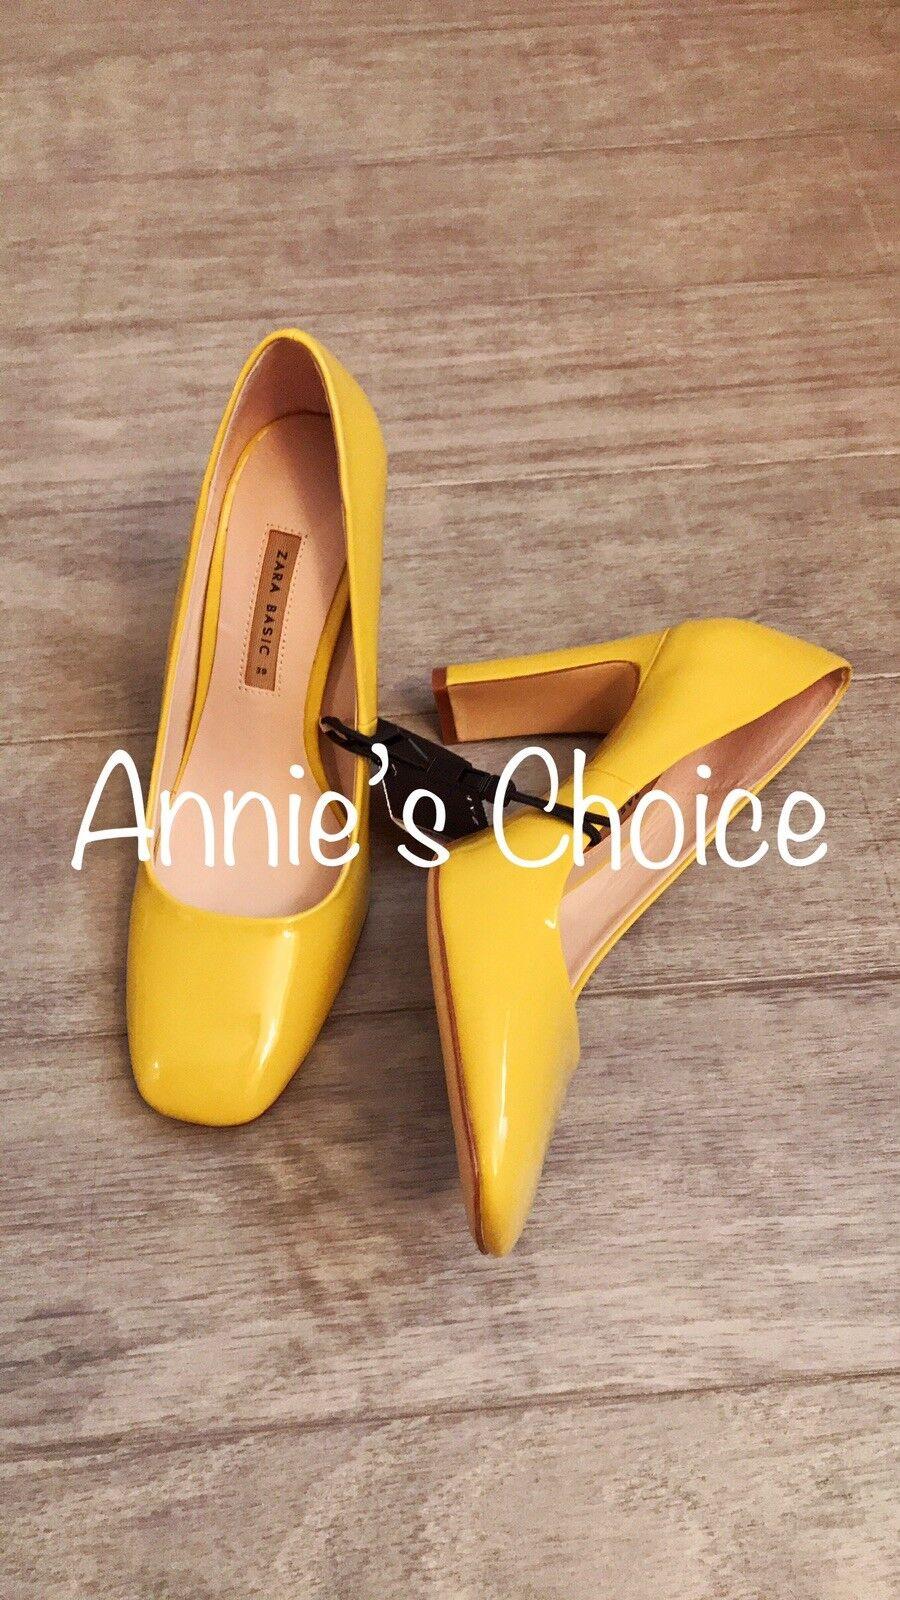 ZARA Wouomo Patent Leather Heels(giallo, US 6.5, 8, 8, 8, 9 EUR 37, 39, 40) f83968